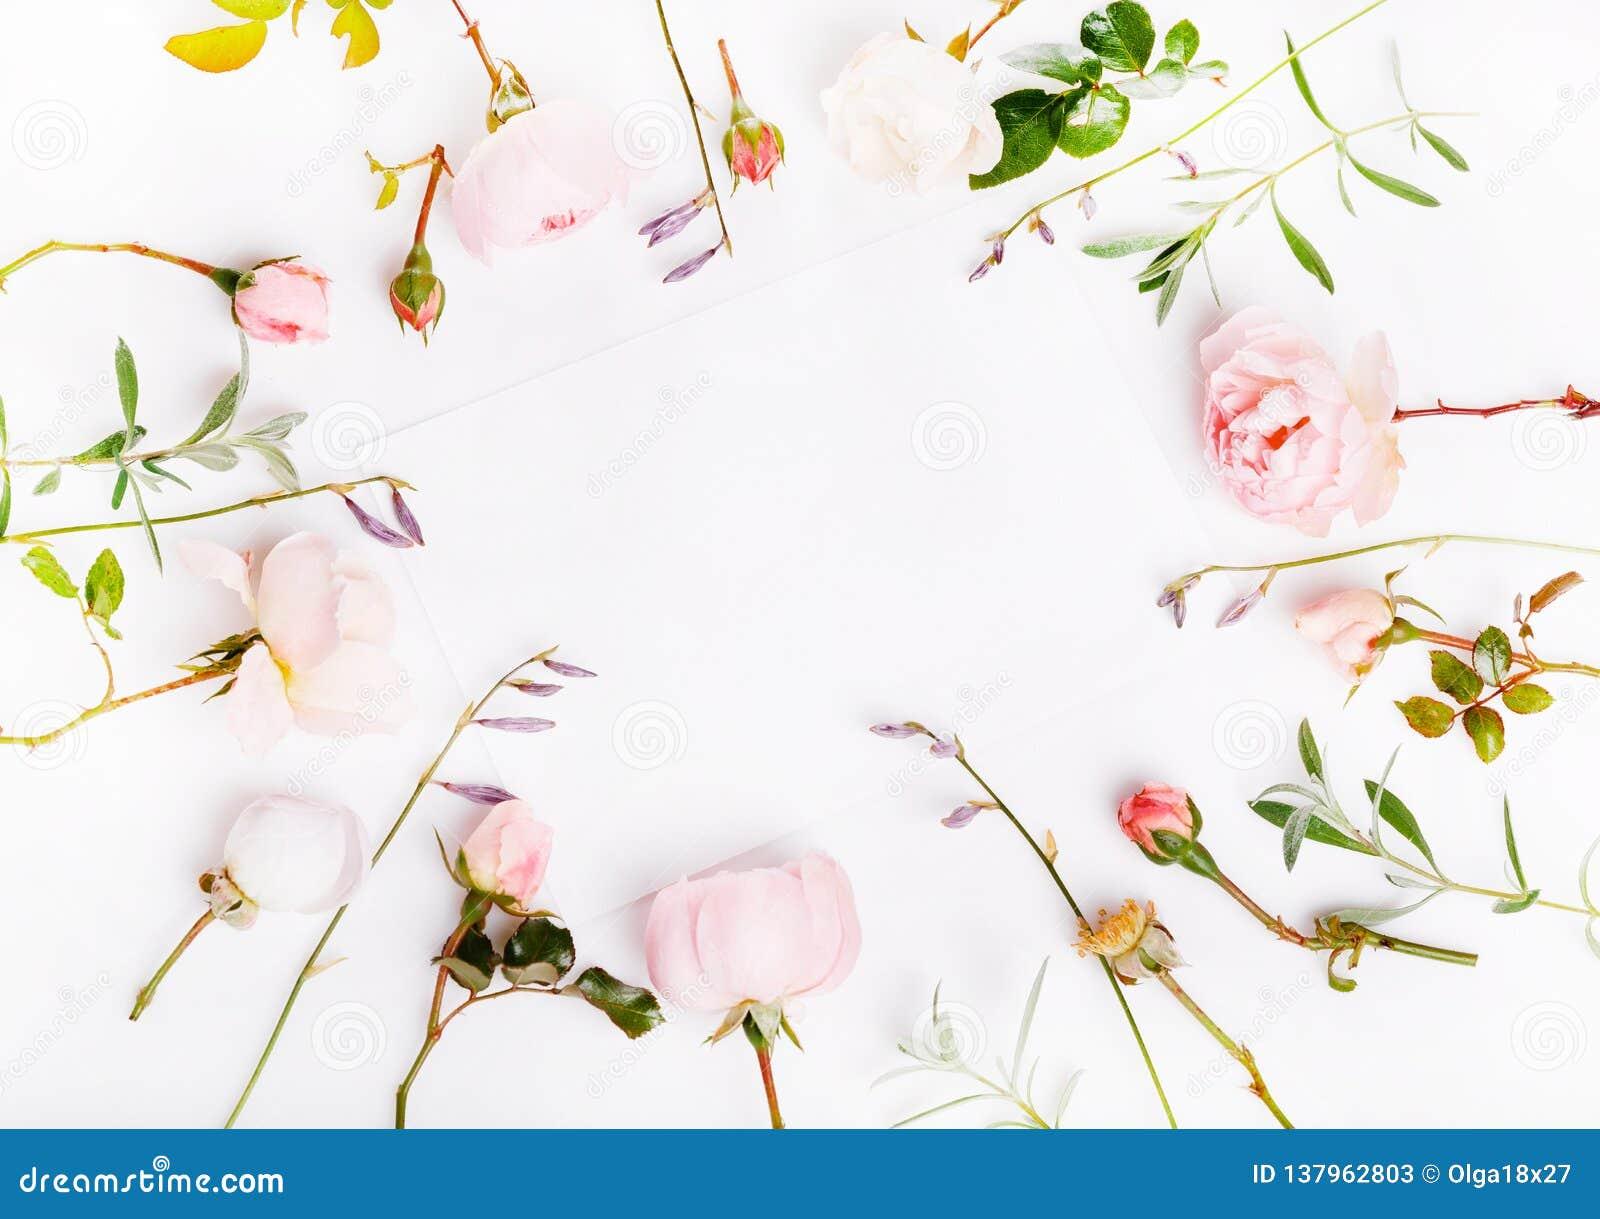 La Lettre L Enveloppe Blanche Sur Le Fond Blanc Avec L Anglais Rose A Monte Cartes D Invitation Ou Lettre D Amour Anniversaire Image Stock Image Du Avec Enveloppe 137962803